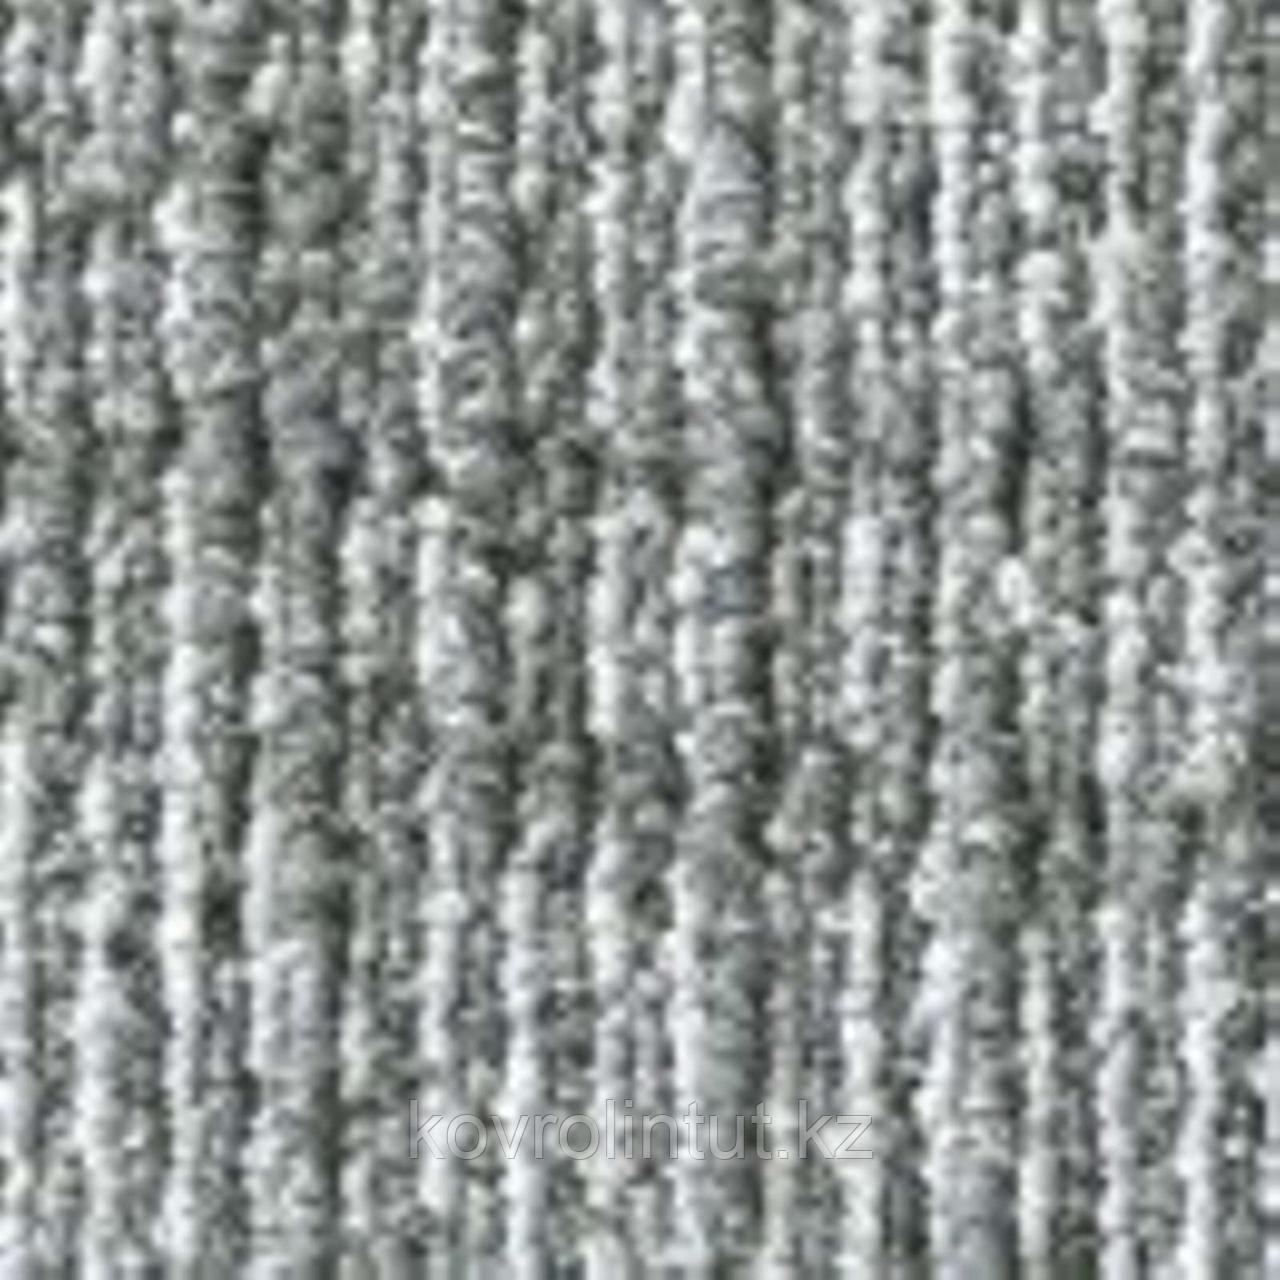 Плитка ковровая Сondor Graphic Unique 74, 50х50, 5м2/уп